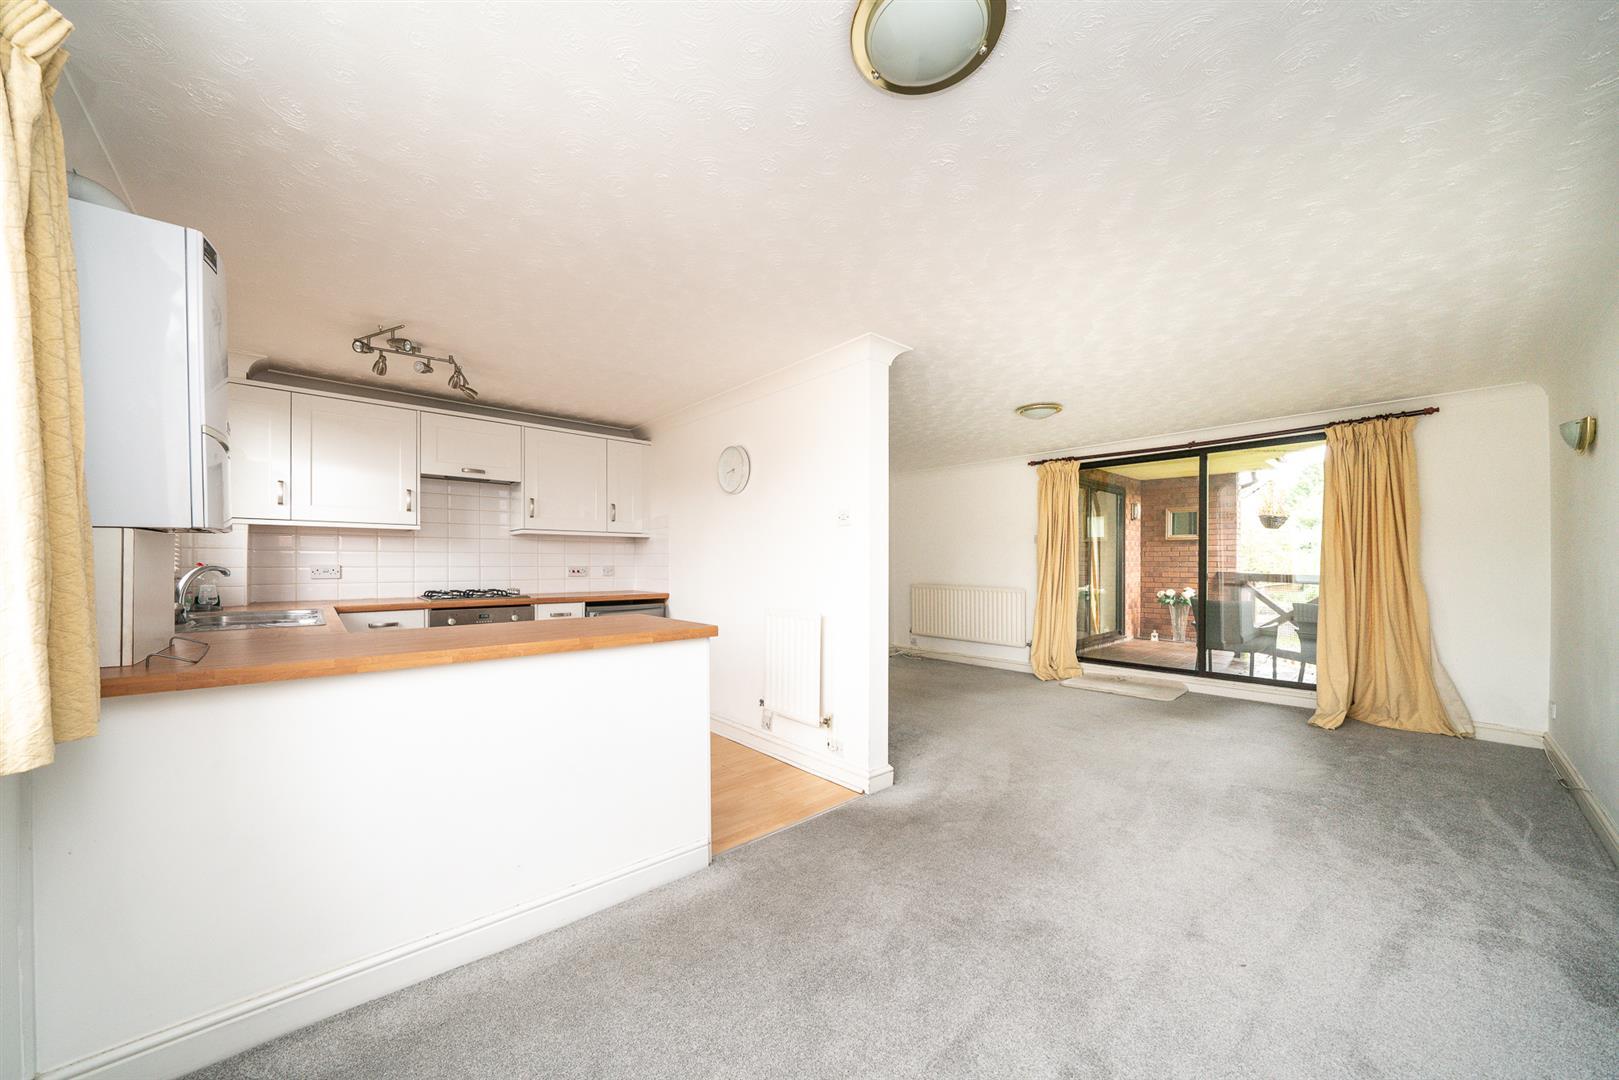 9-Brook-Lane-1010 - kitchen diner.jpg